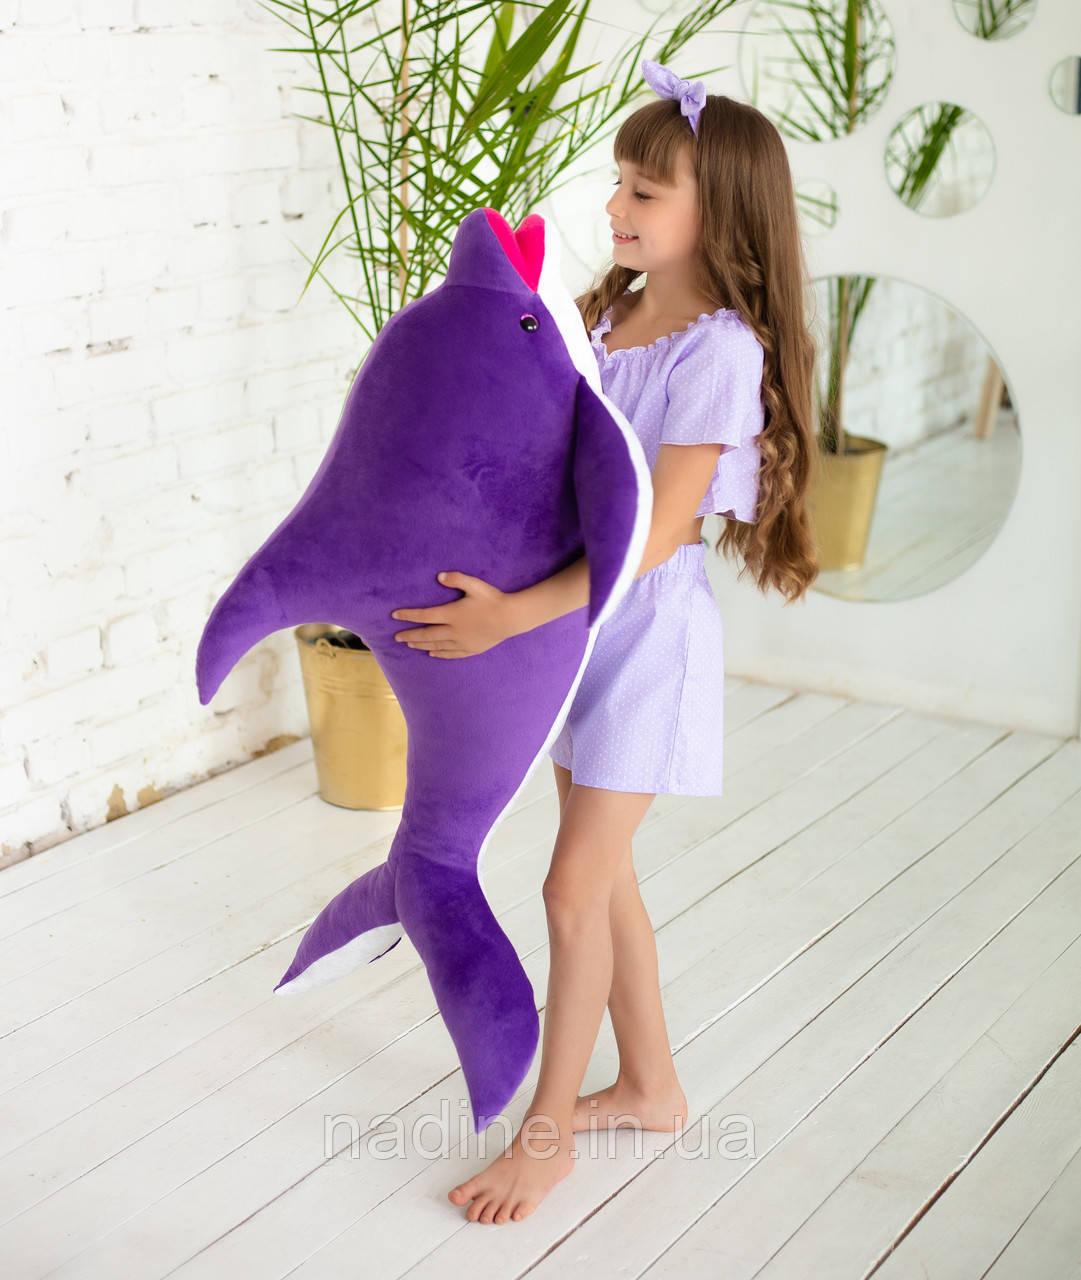 Игрушка плюшевый Дельфин (312-F-100) Eirena Nadine 100 см Фиолетовый